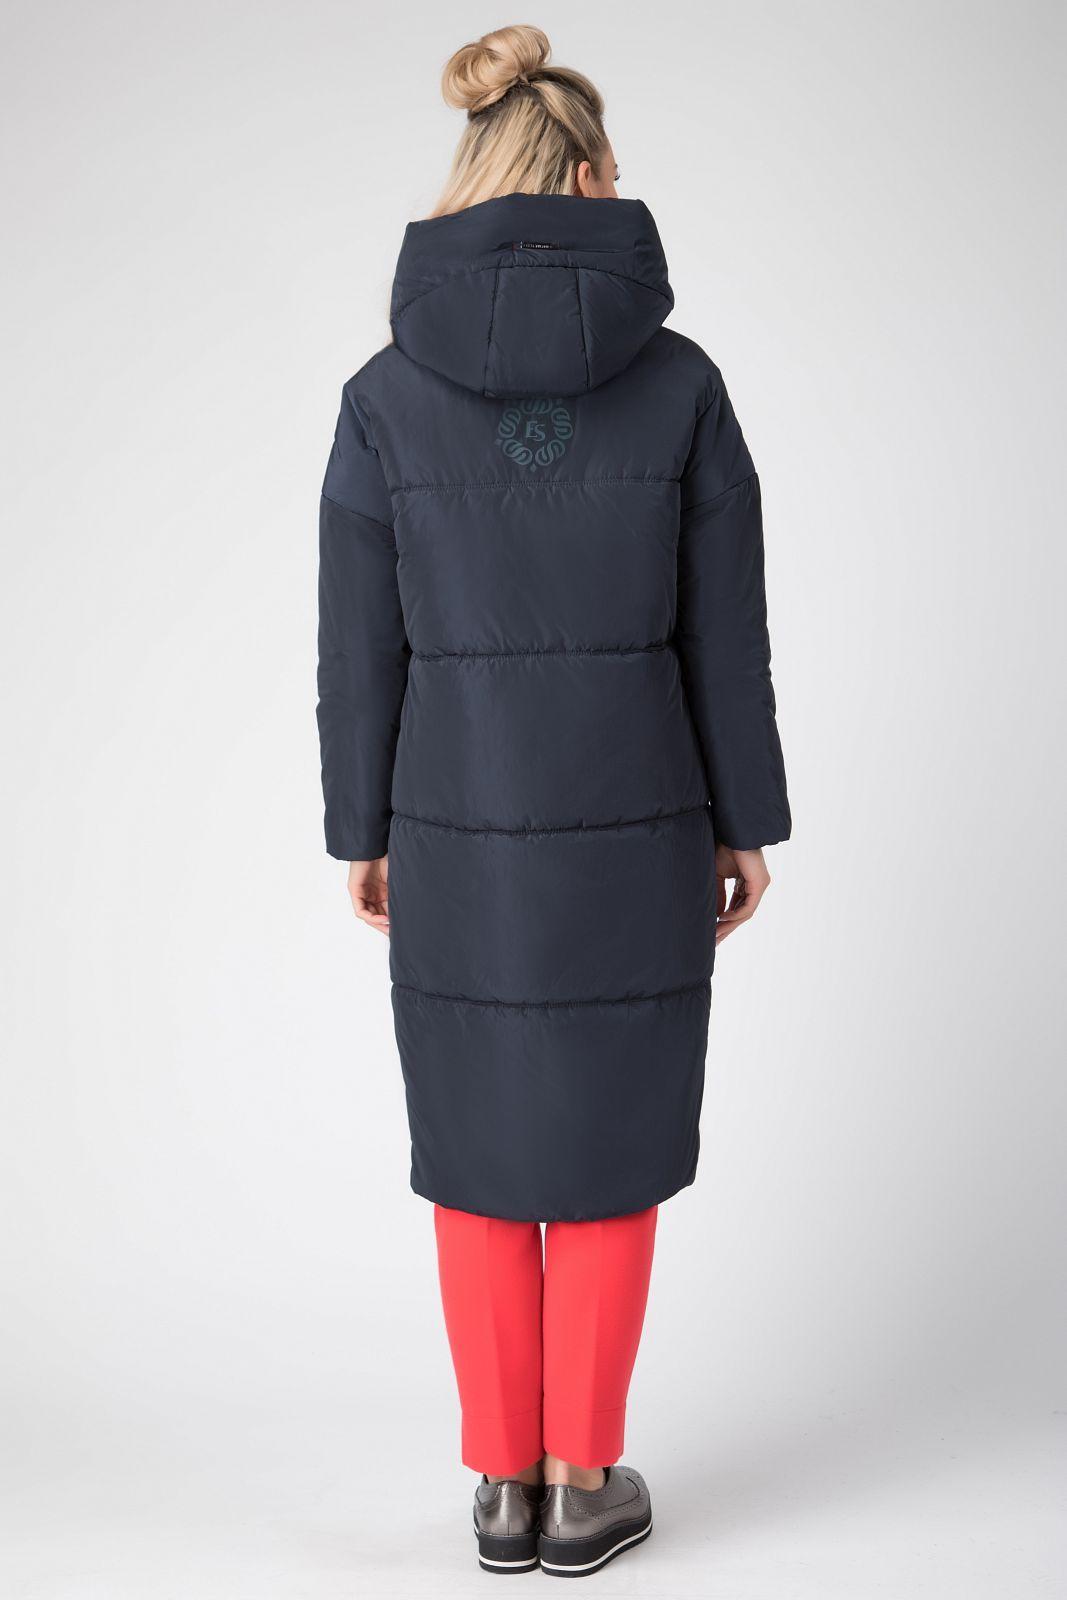 a2f199a5839 Стеганое пальто на синтепоне из плащевой ткани. Длина ниже колена. На спине  термопечать в